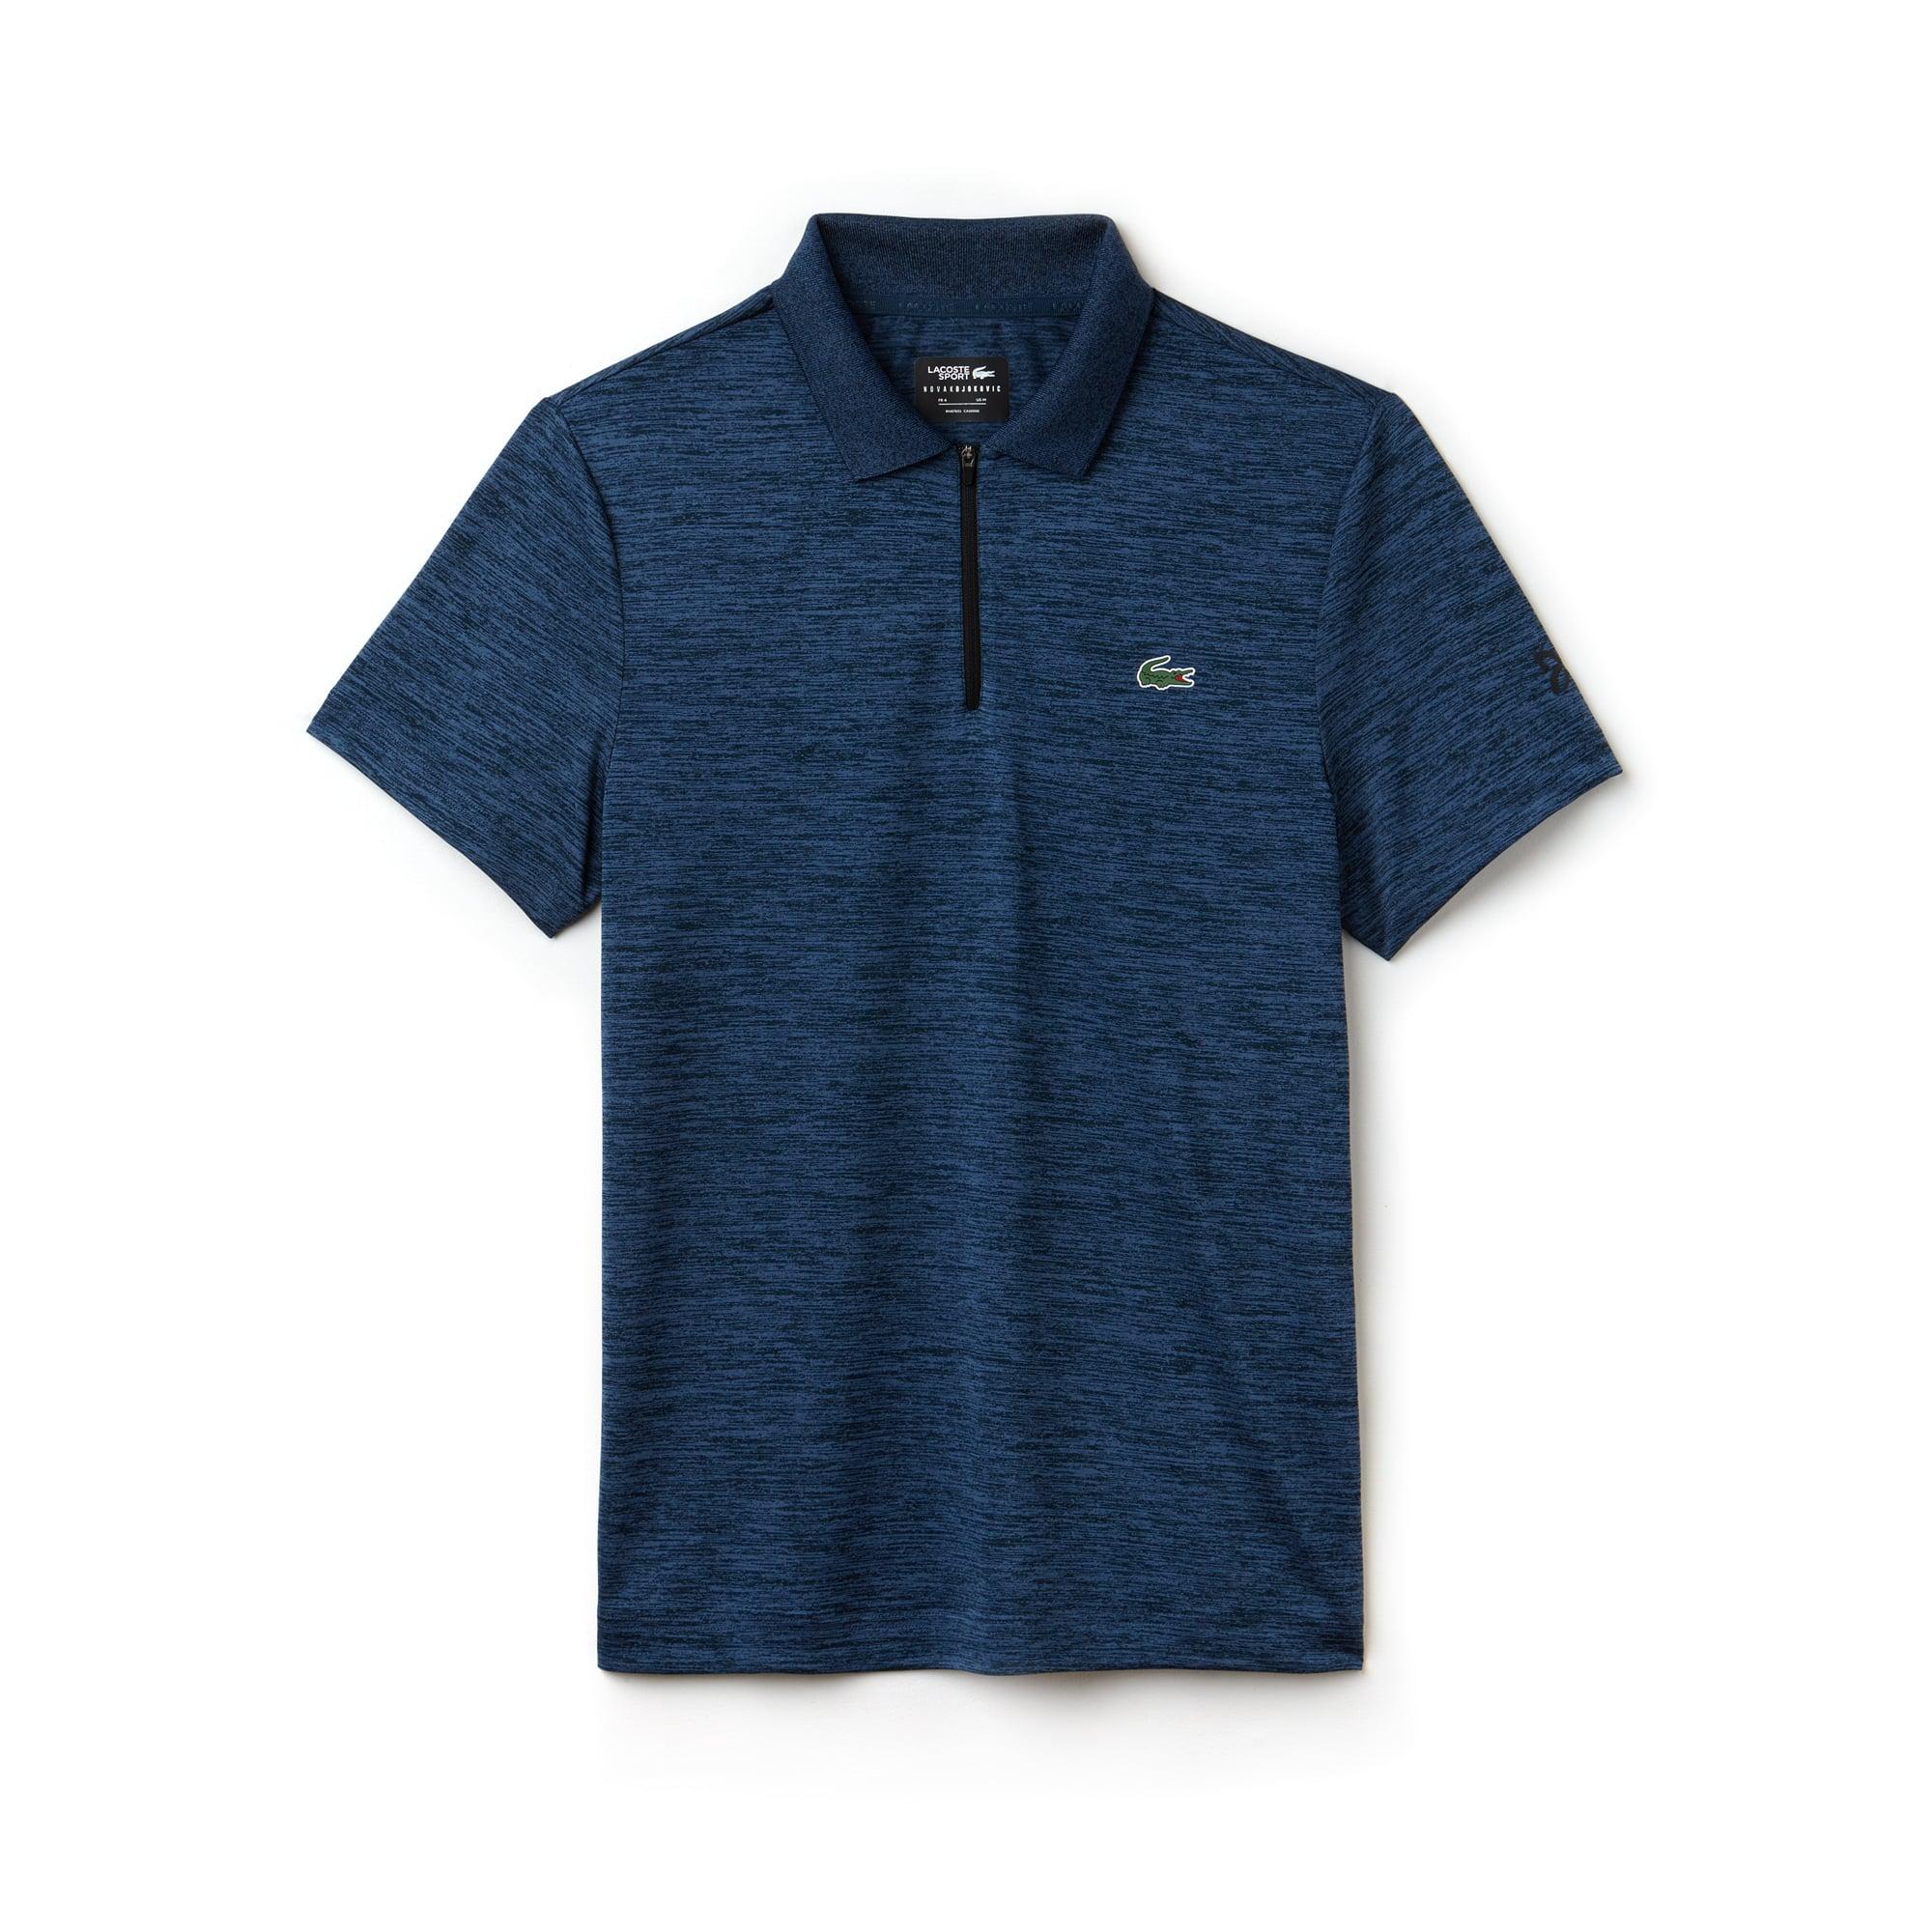 라코스테 Lacoste Mens SPORT Flecked Technical Jersey Polo - x Novak Djokovic Off Court Premium Edition,azurite/black